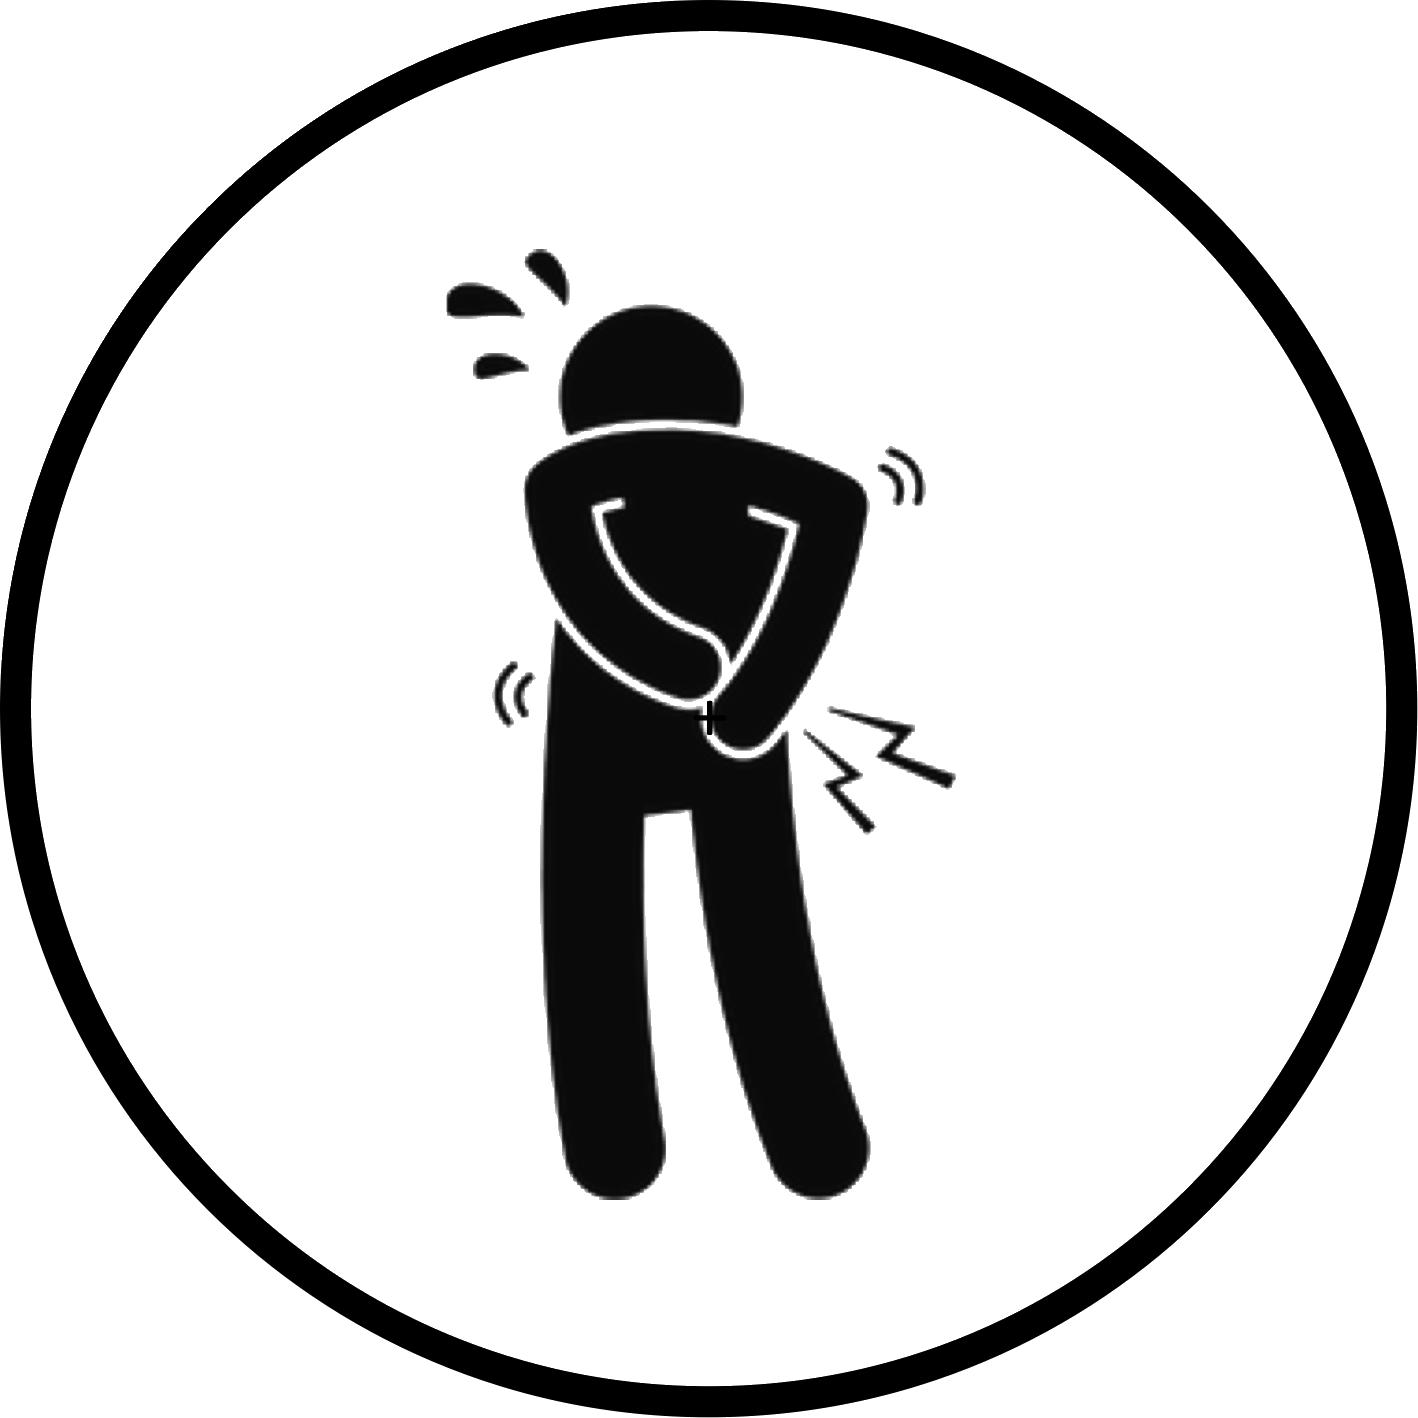 Una persona stilizzata con le mani dietro la schiena con segni di dolore